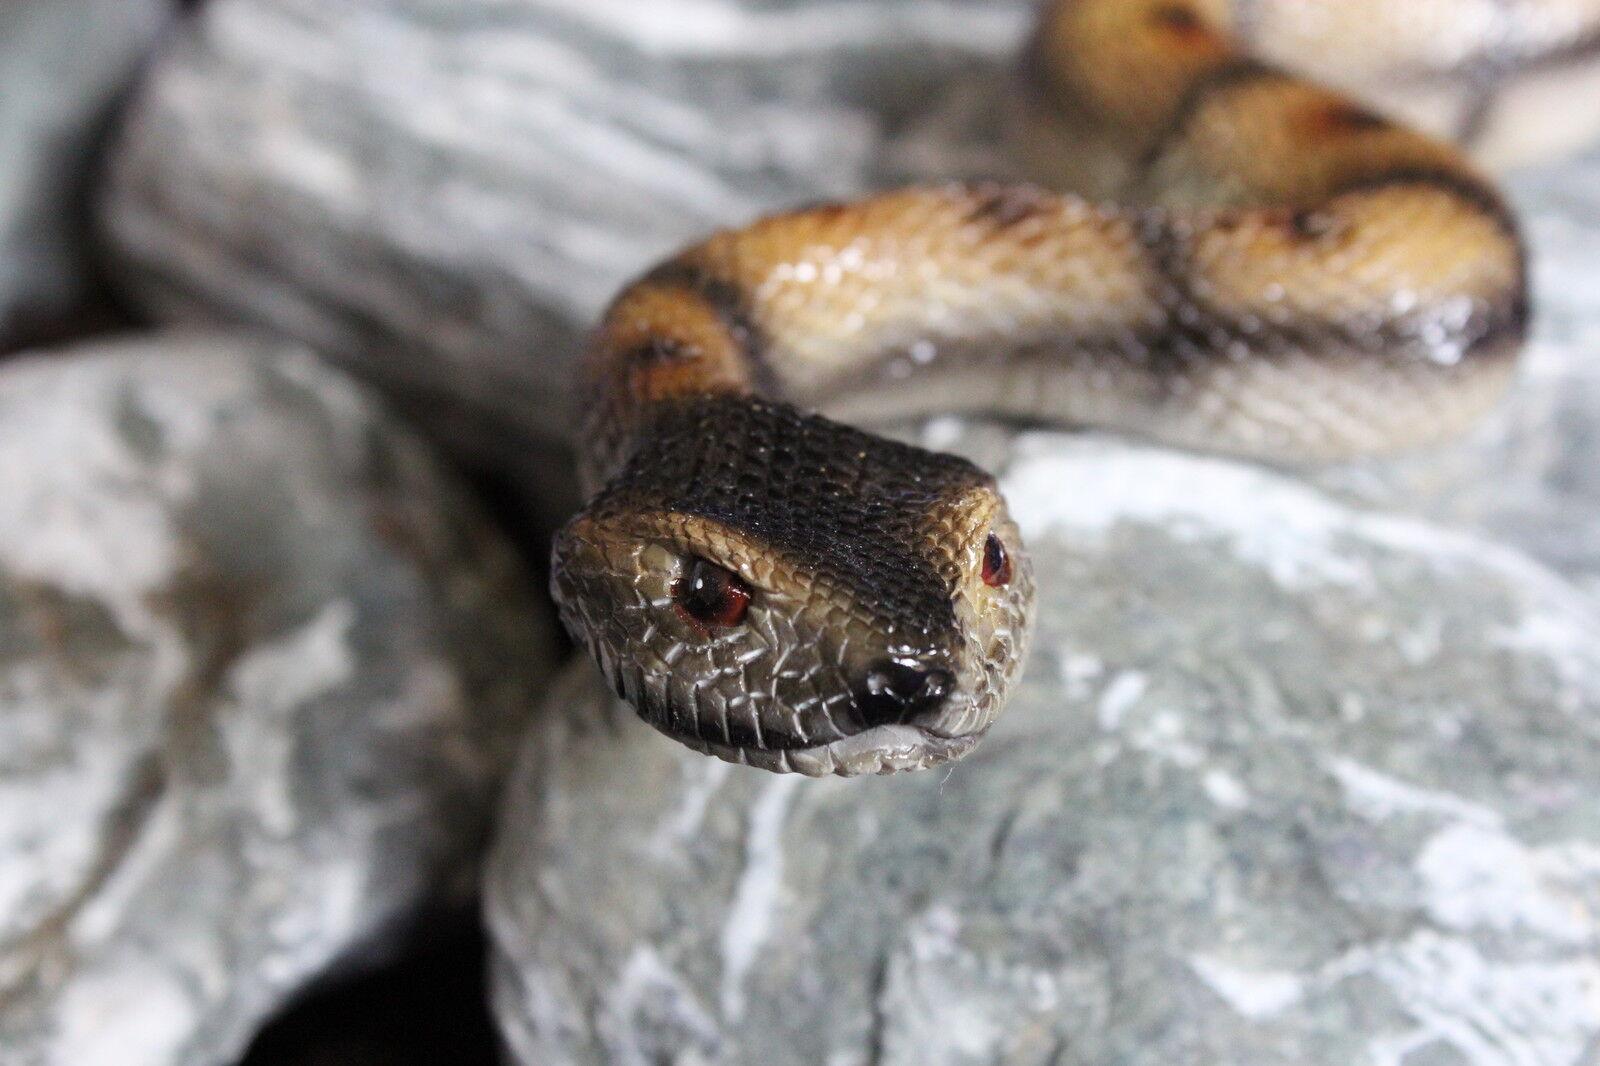 Gartenfigur Schlange Teichfigur Gartendeko Teichdeko Tier Reptil ...